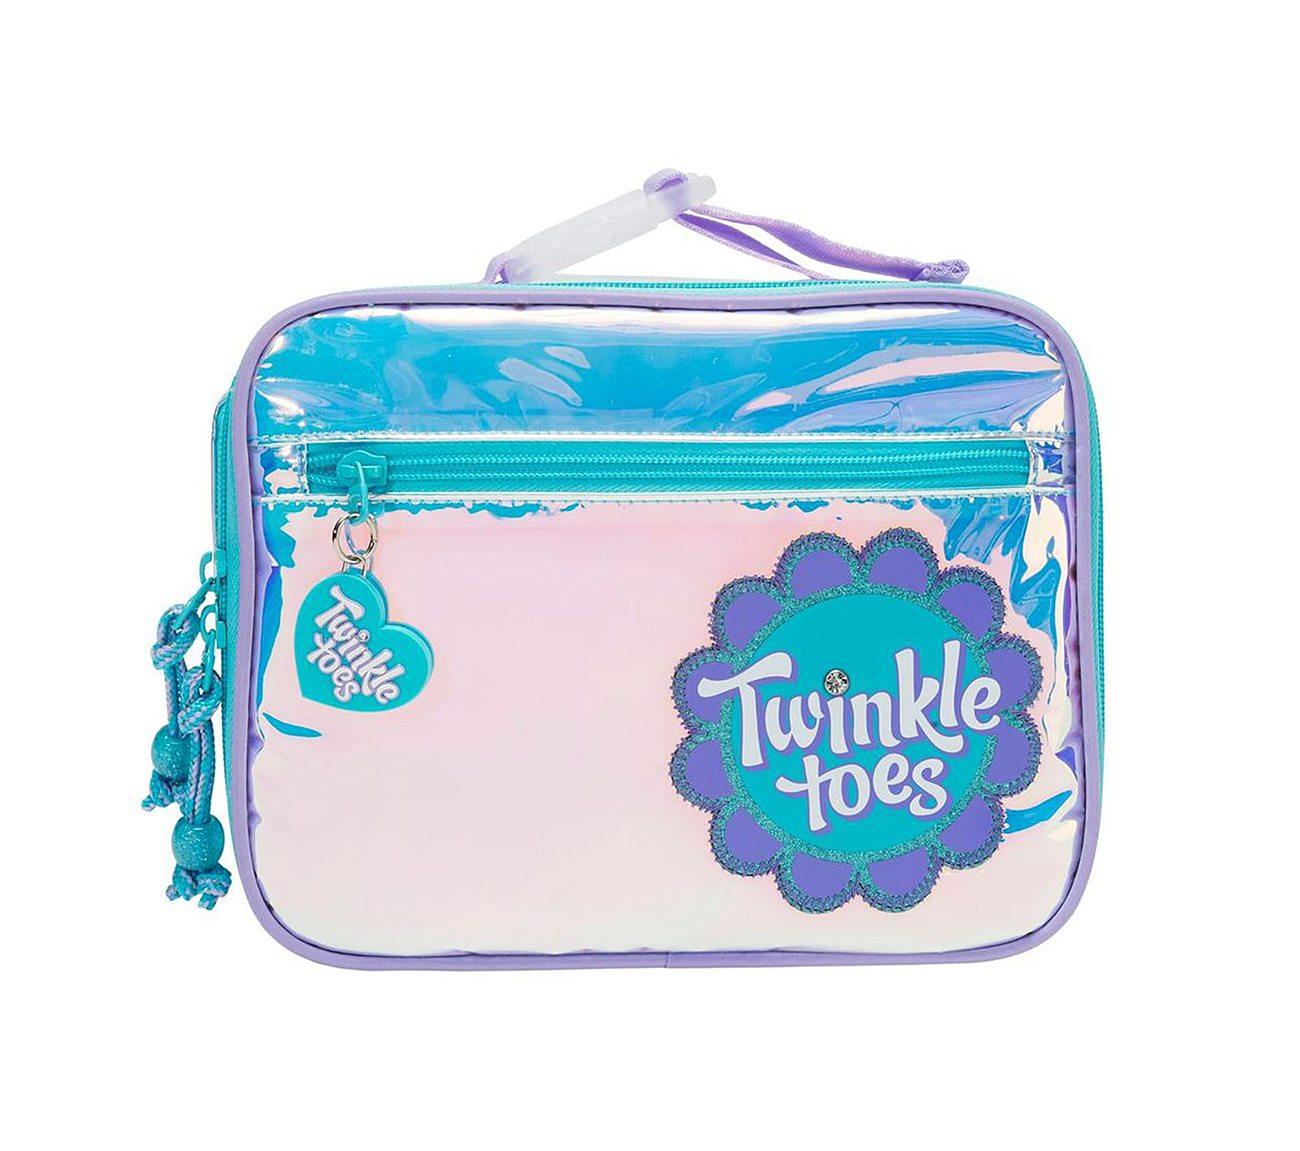 skechers twinkle toes bag